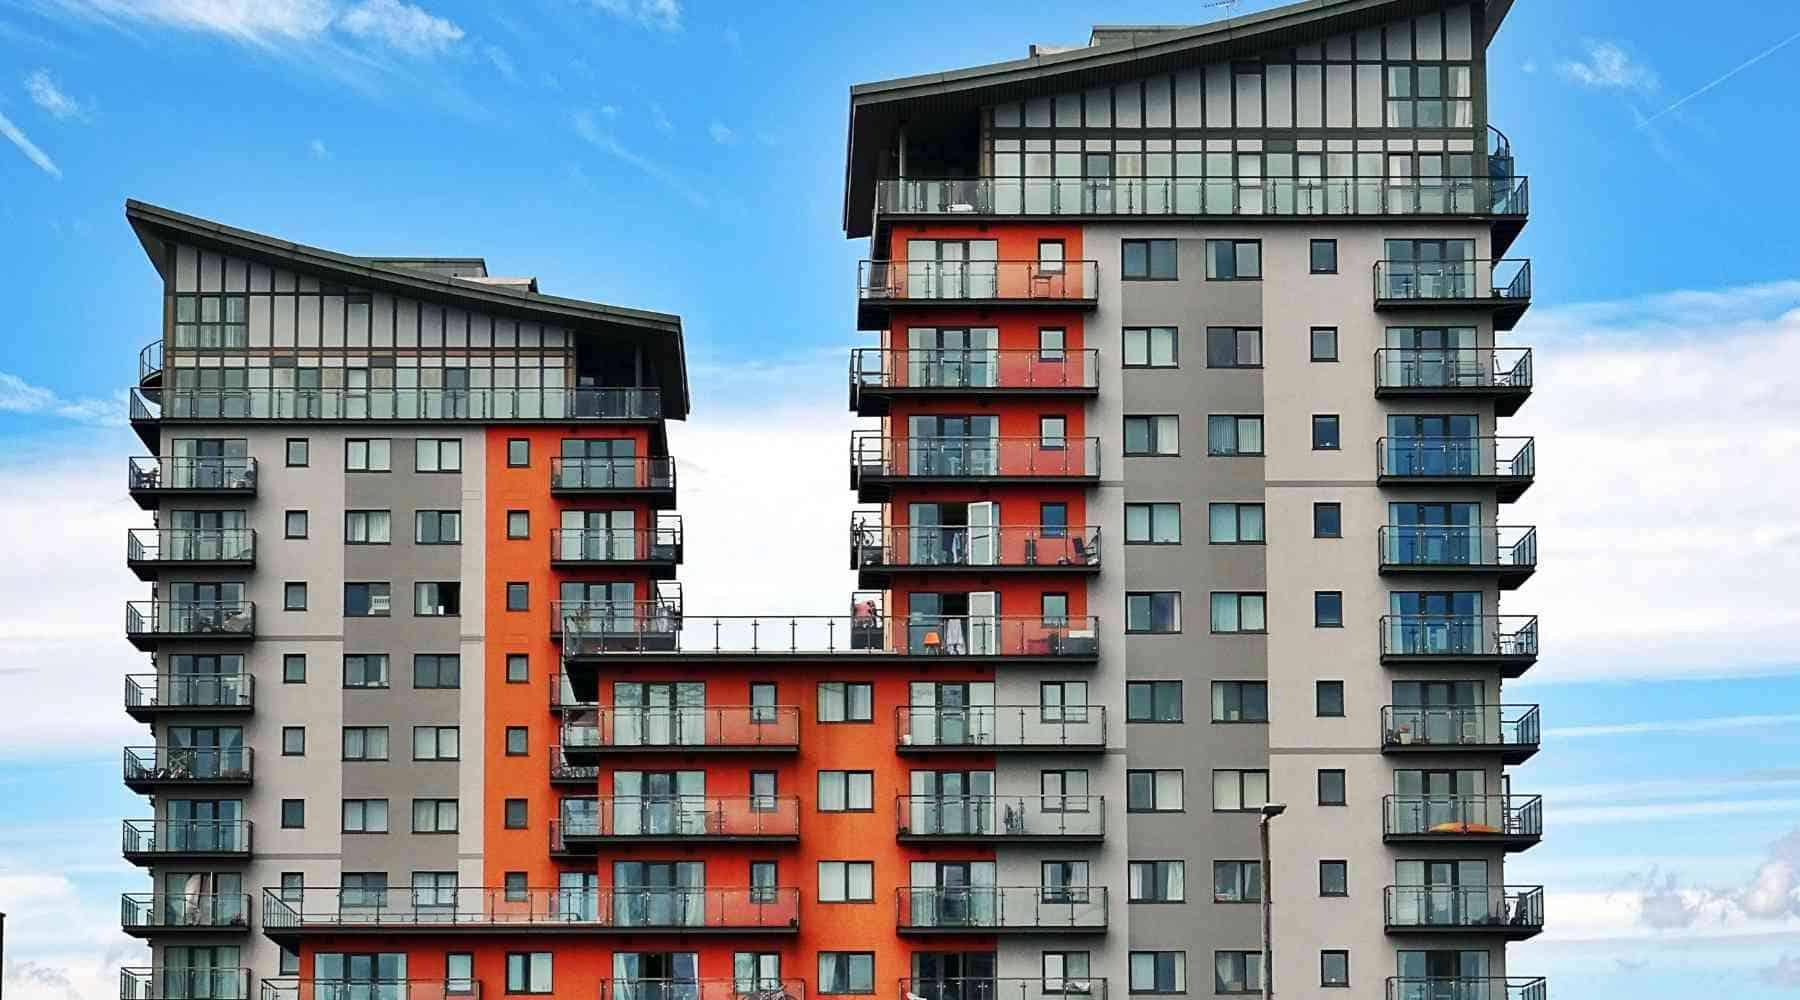 Apartments vs Home